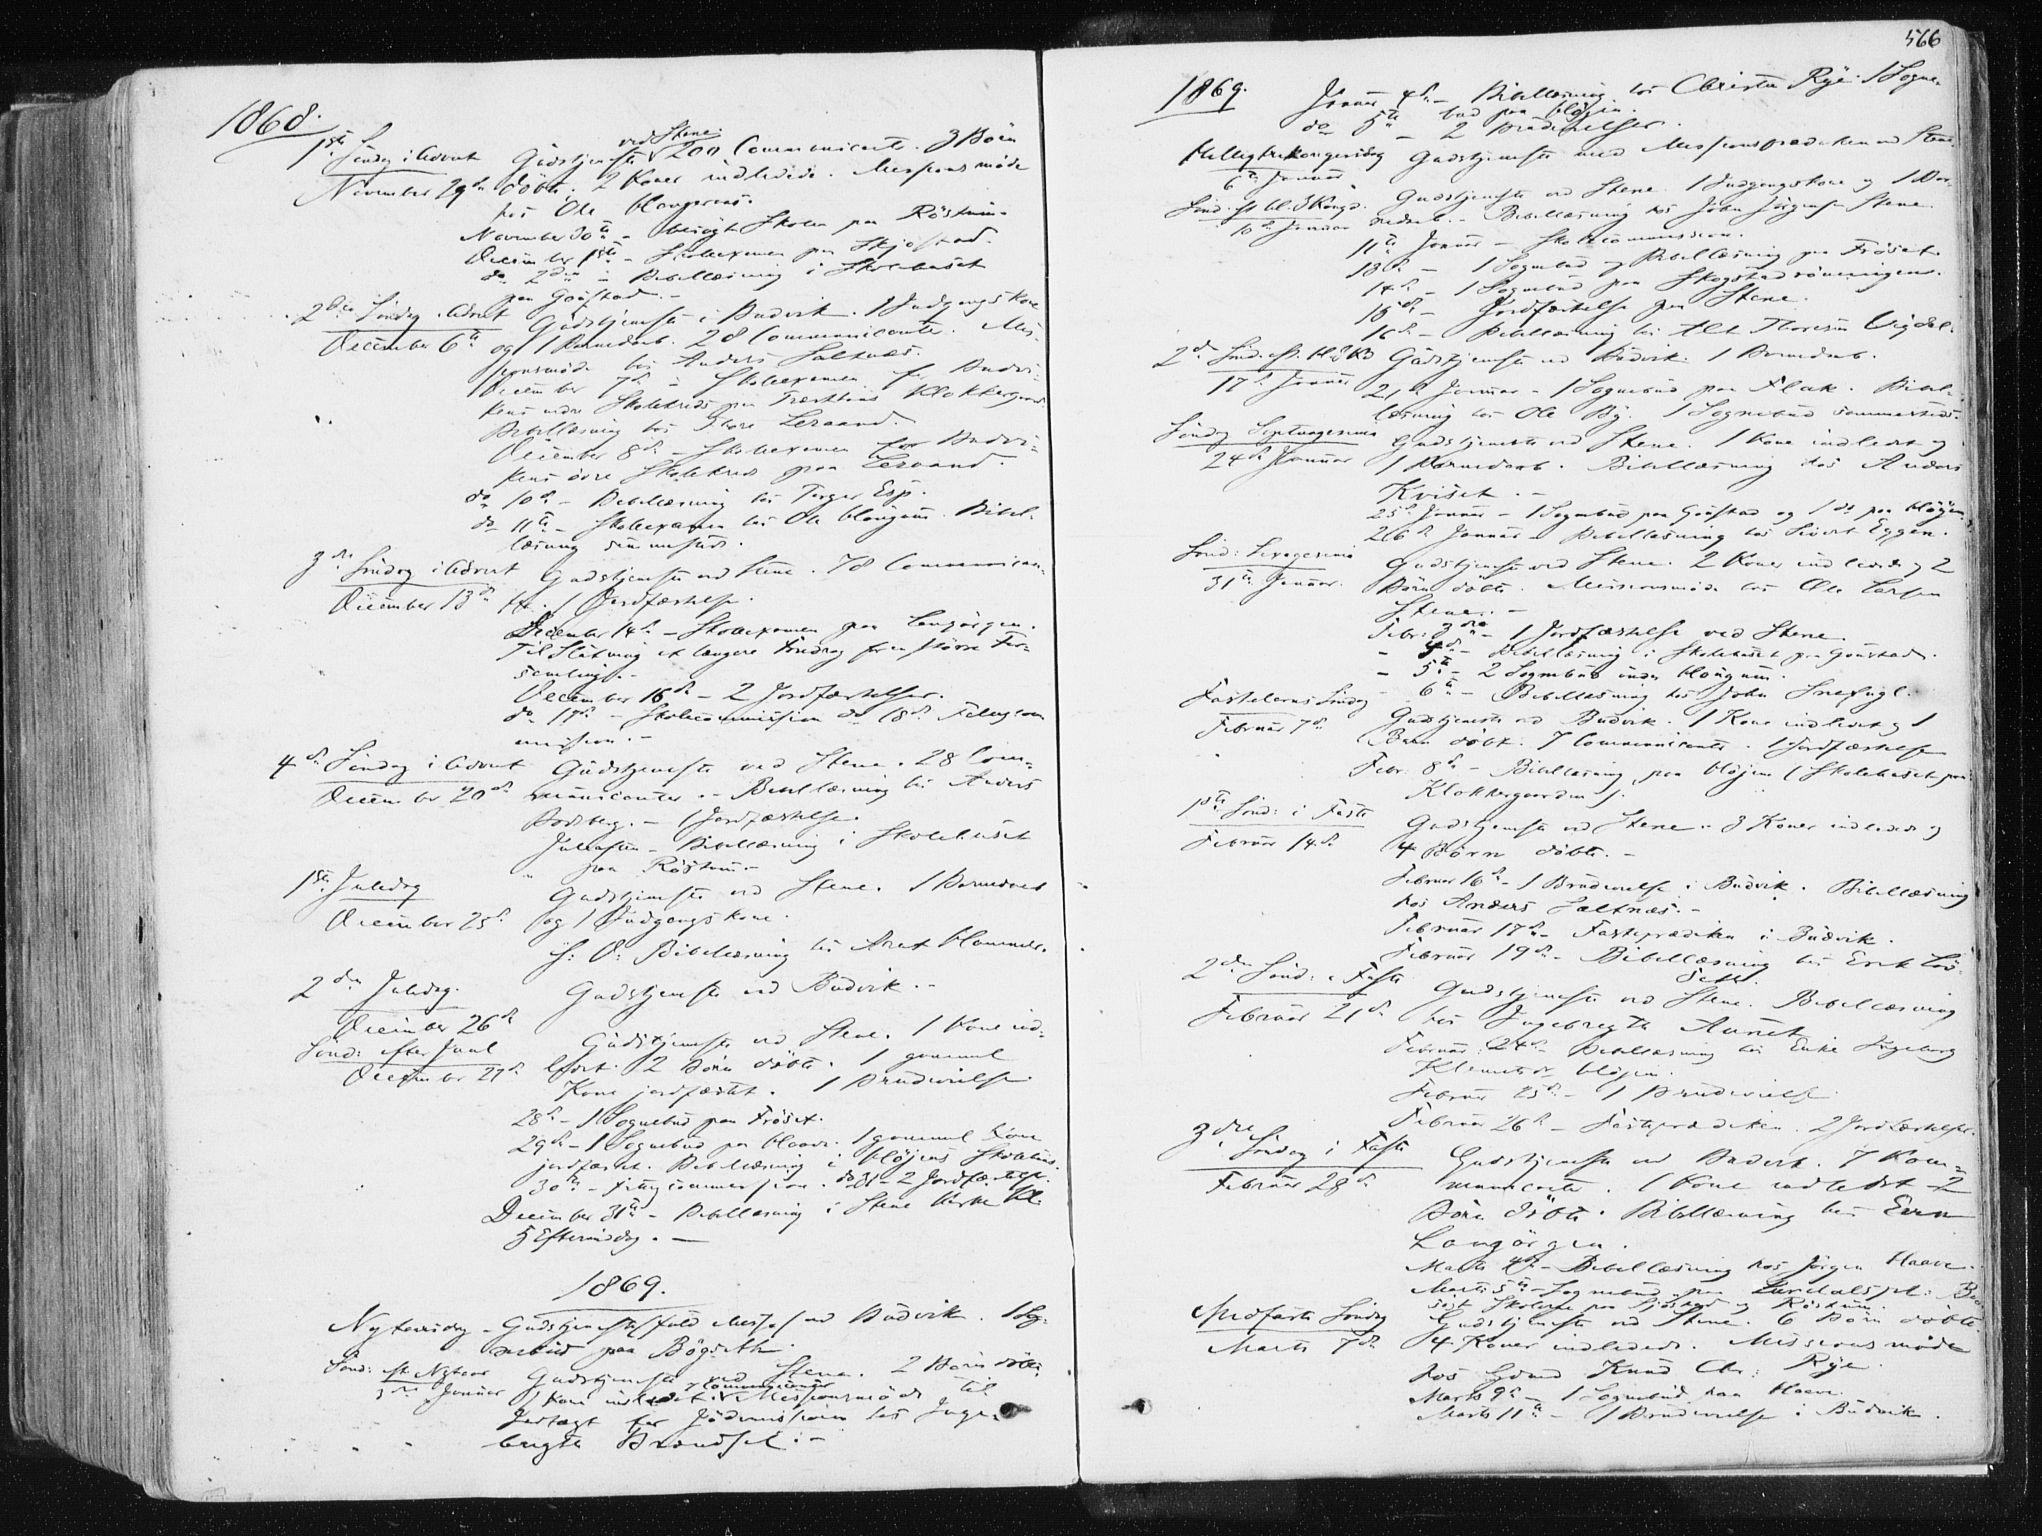 SAT, Ministerialprotokoller, klokkerbøker og fødselsregistre - Sør-Trøndelag, 612/L0377: Ministerialbok nr. 612A09, 1859-1877, s. 566